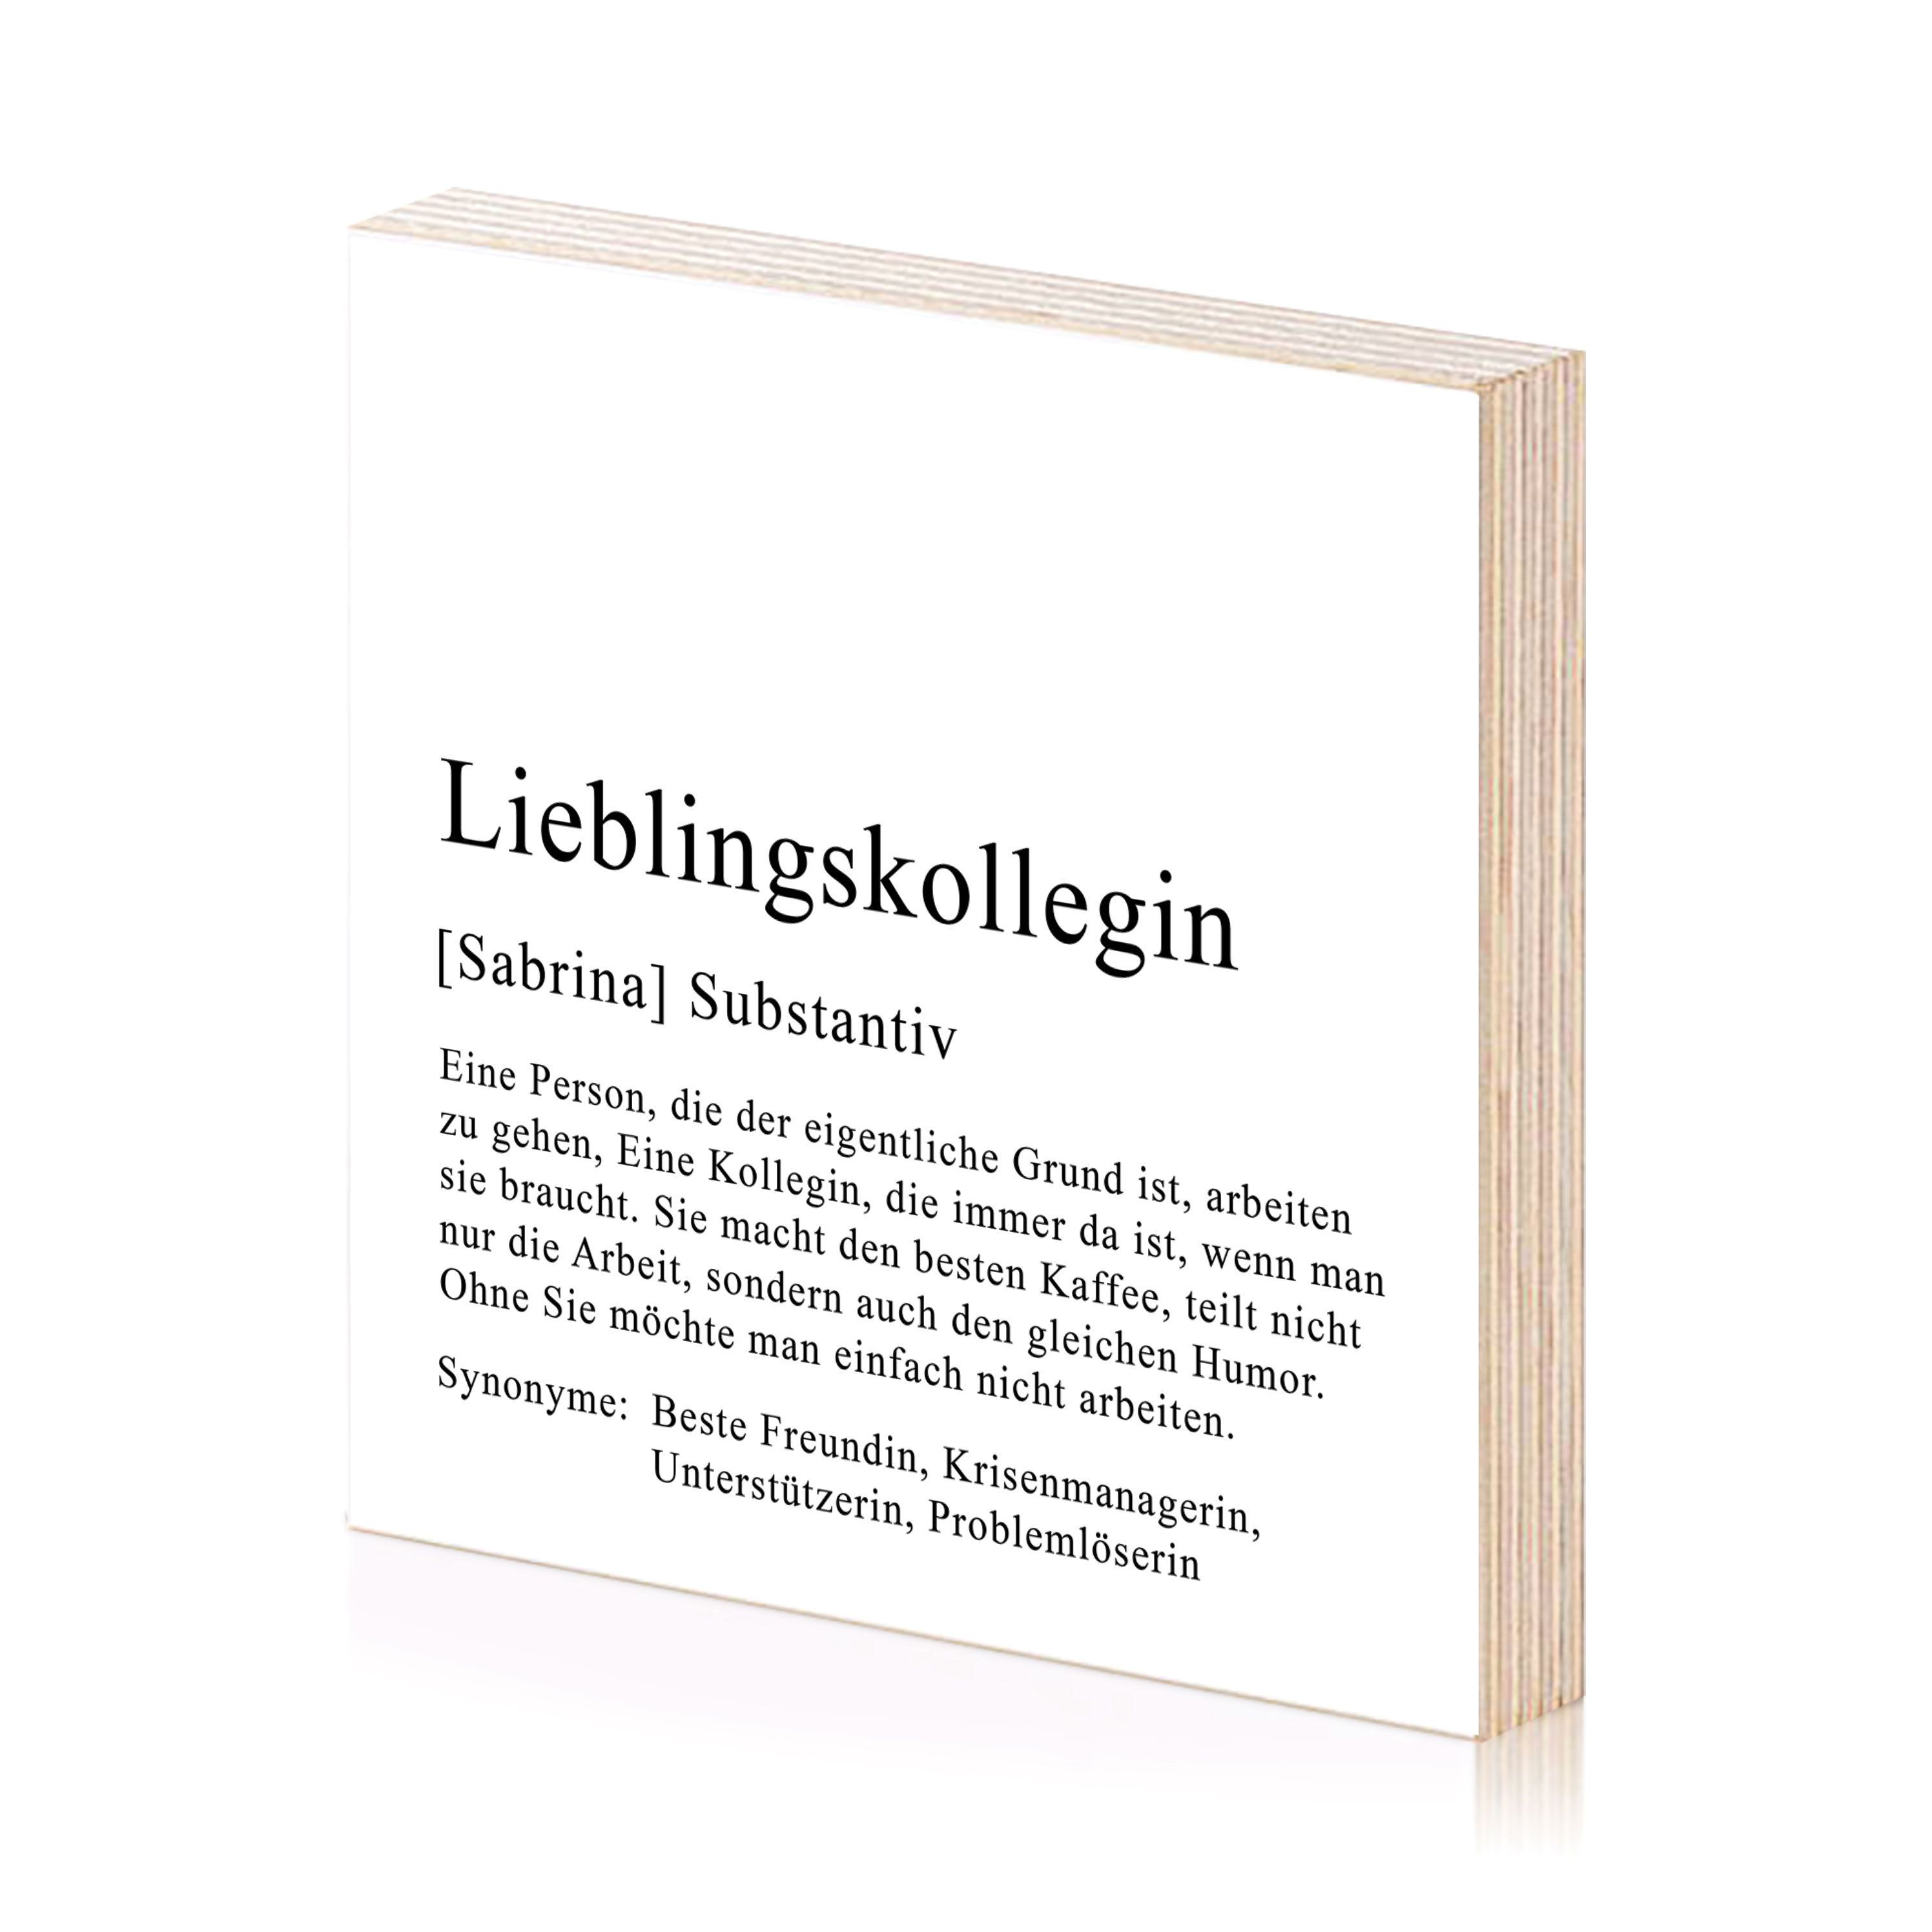 Lieblingskollegin Kunstdruck Personalisiertes Bild Aus Holz Zum